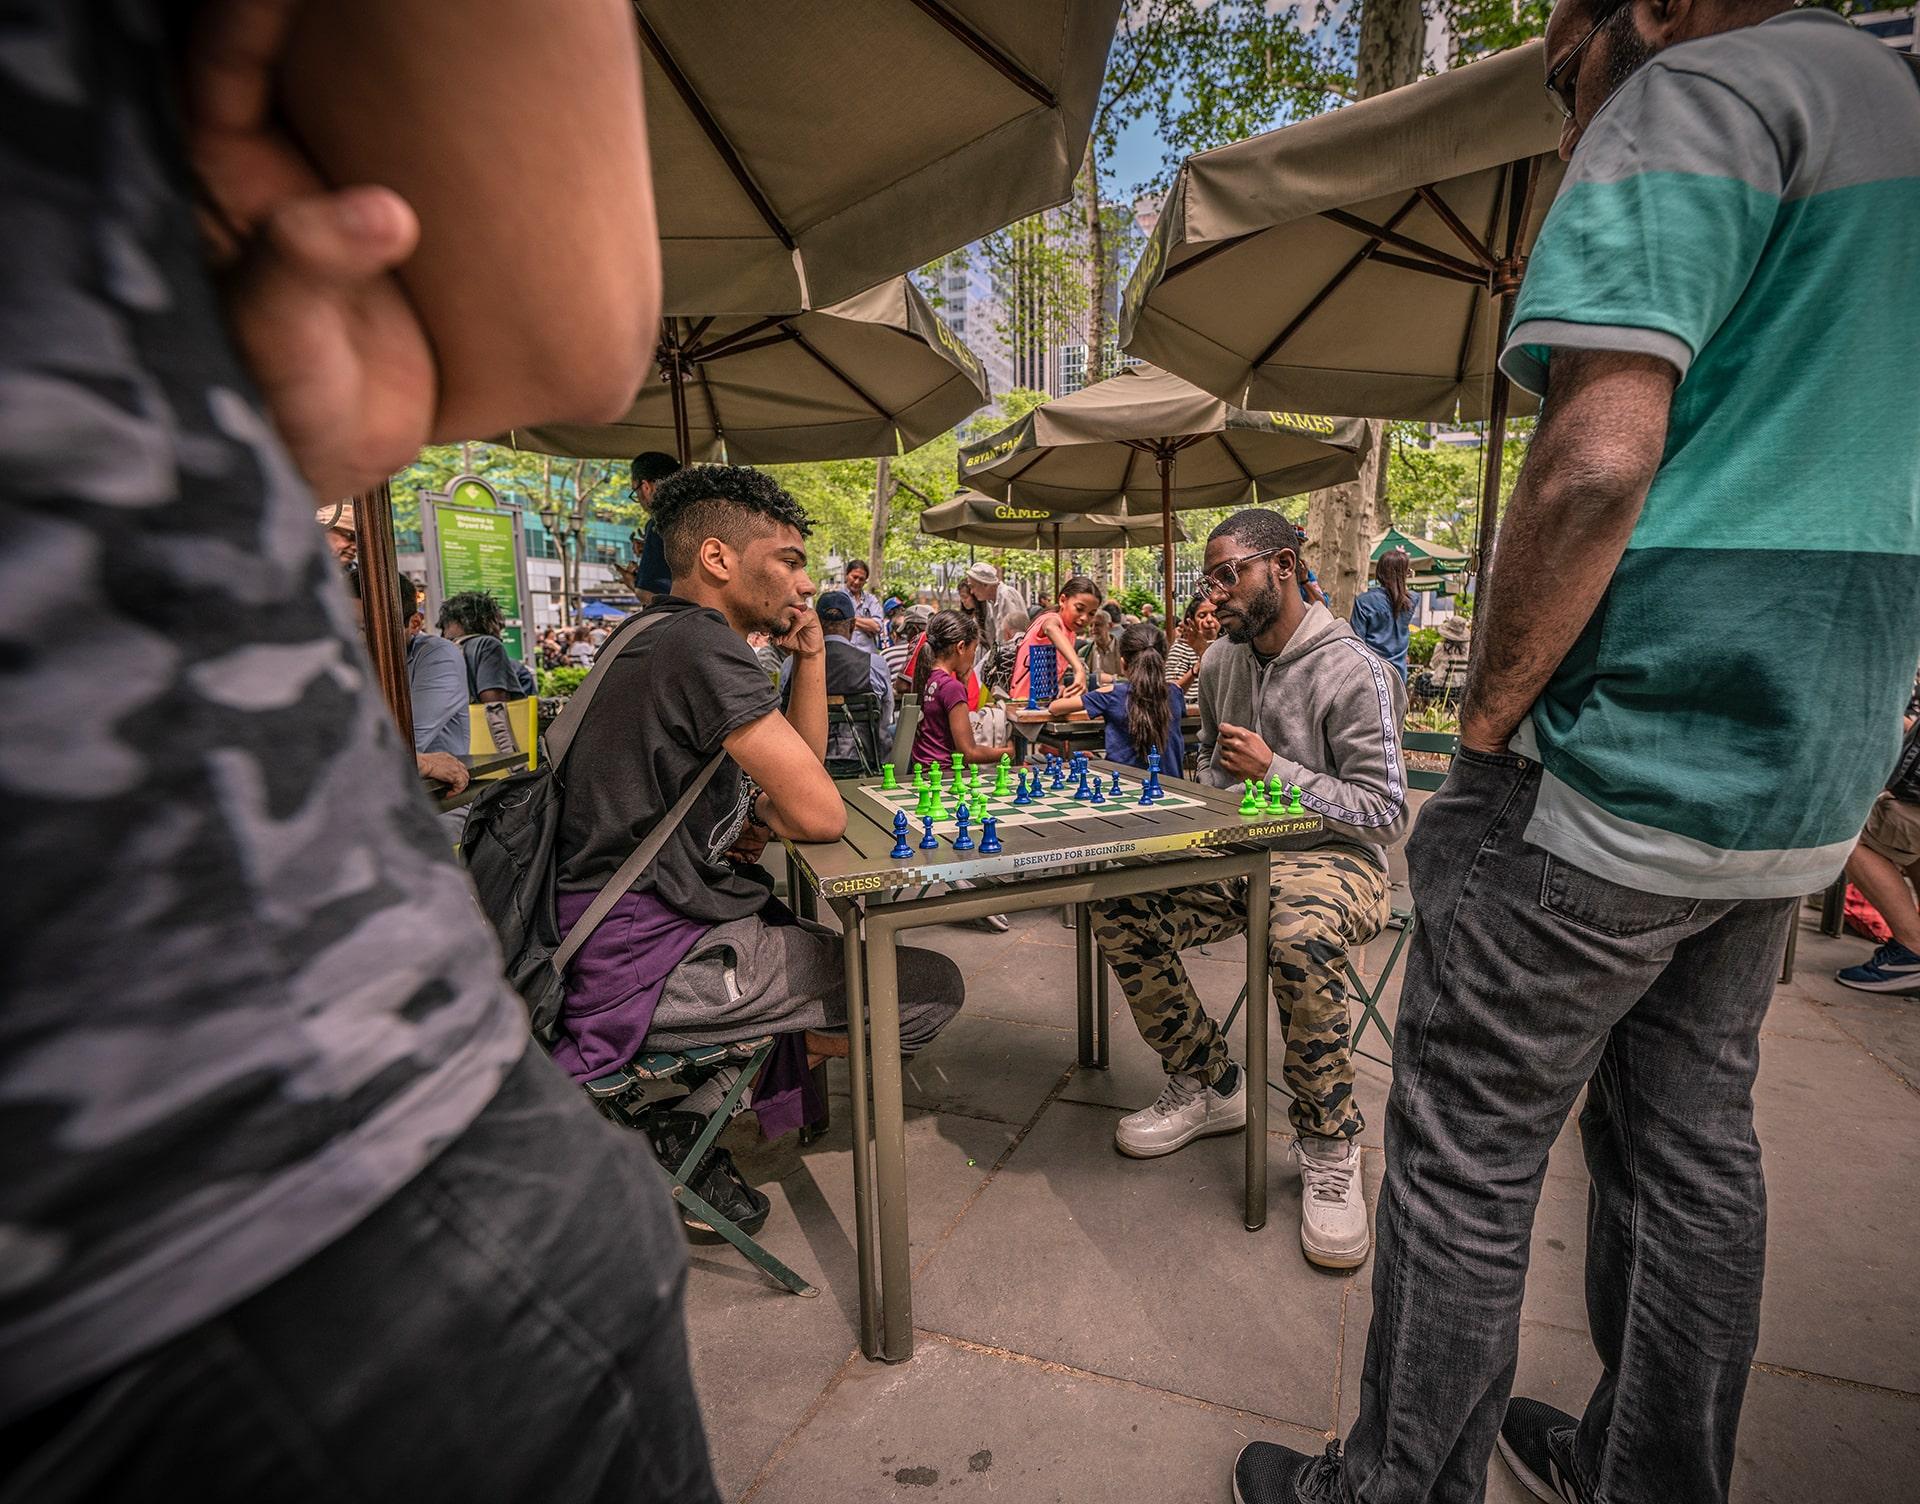 Blog Lifestyle - Jeux d'Echec à Central Park - Suivre sa Joie - Saskia Parein